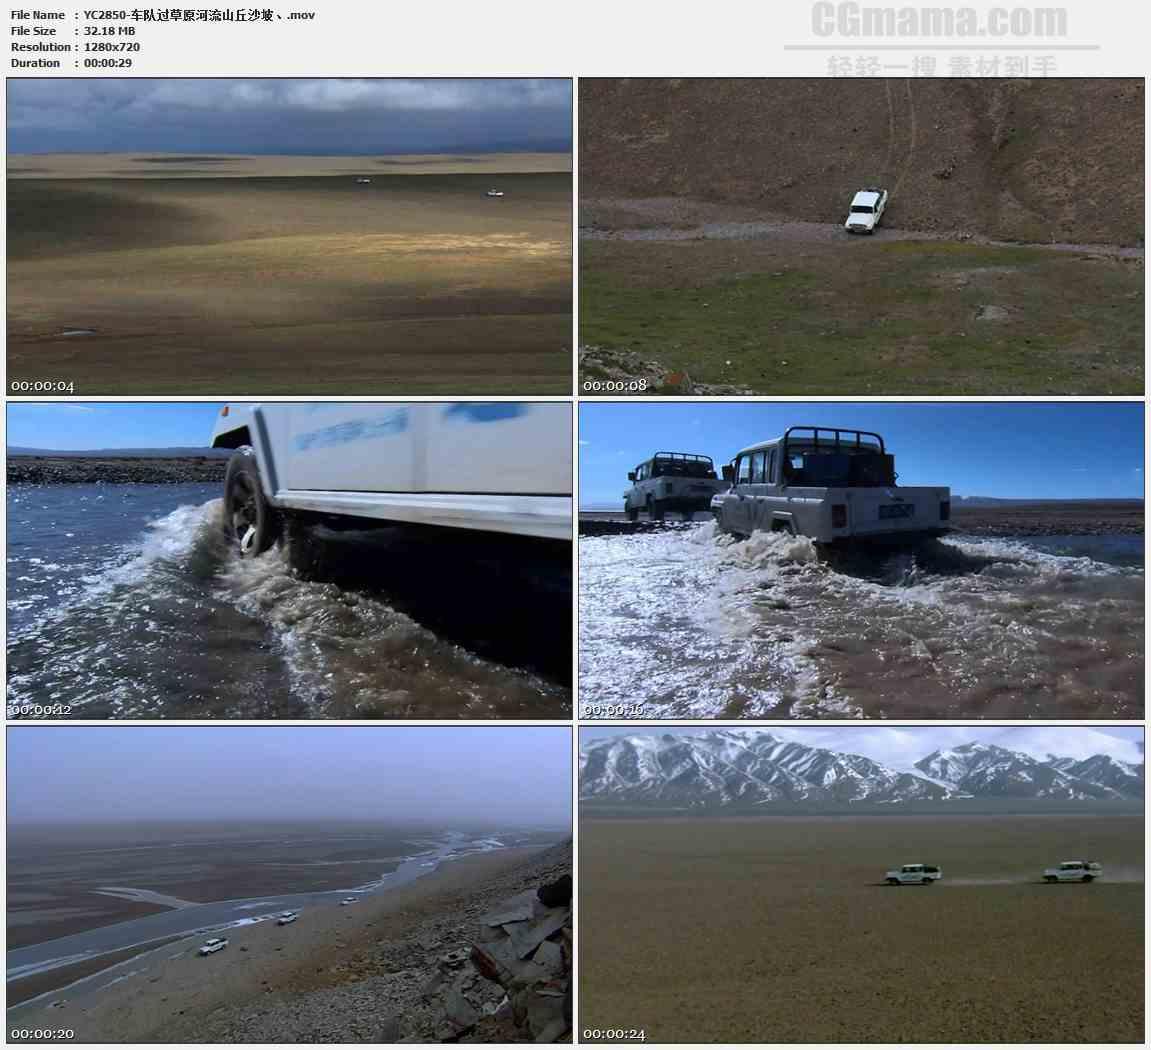 YC2850-车队过草原河流山丘沙坡高清实拍视频素材